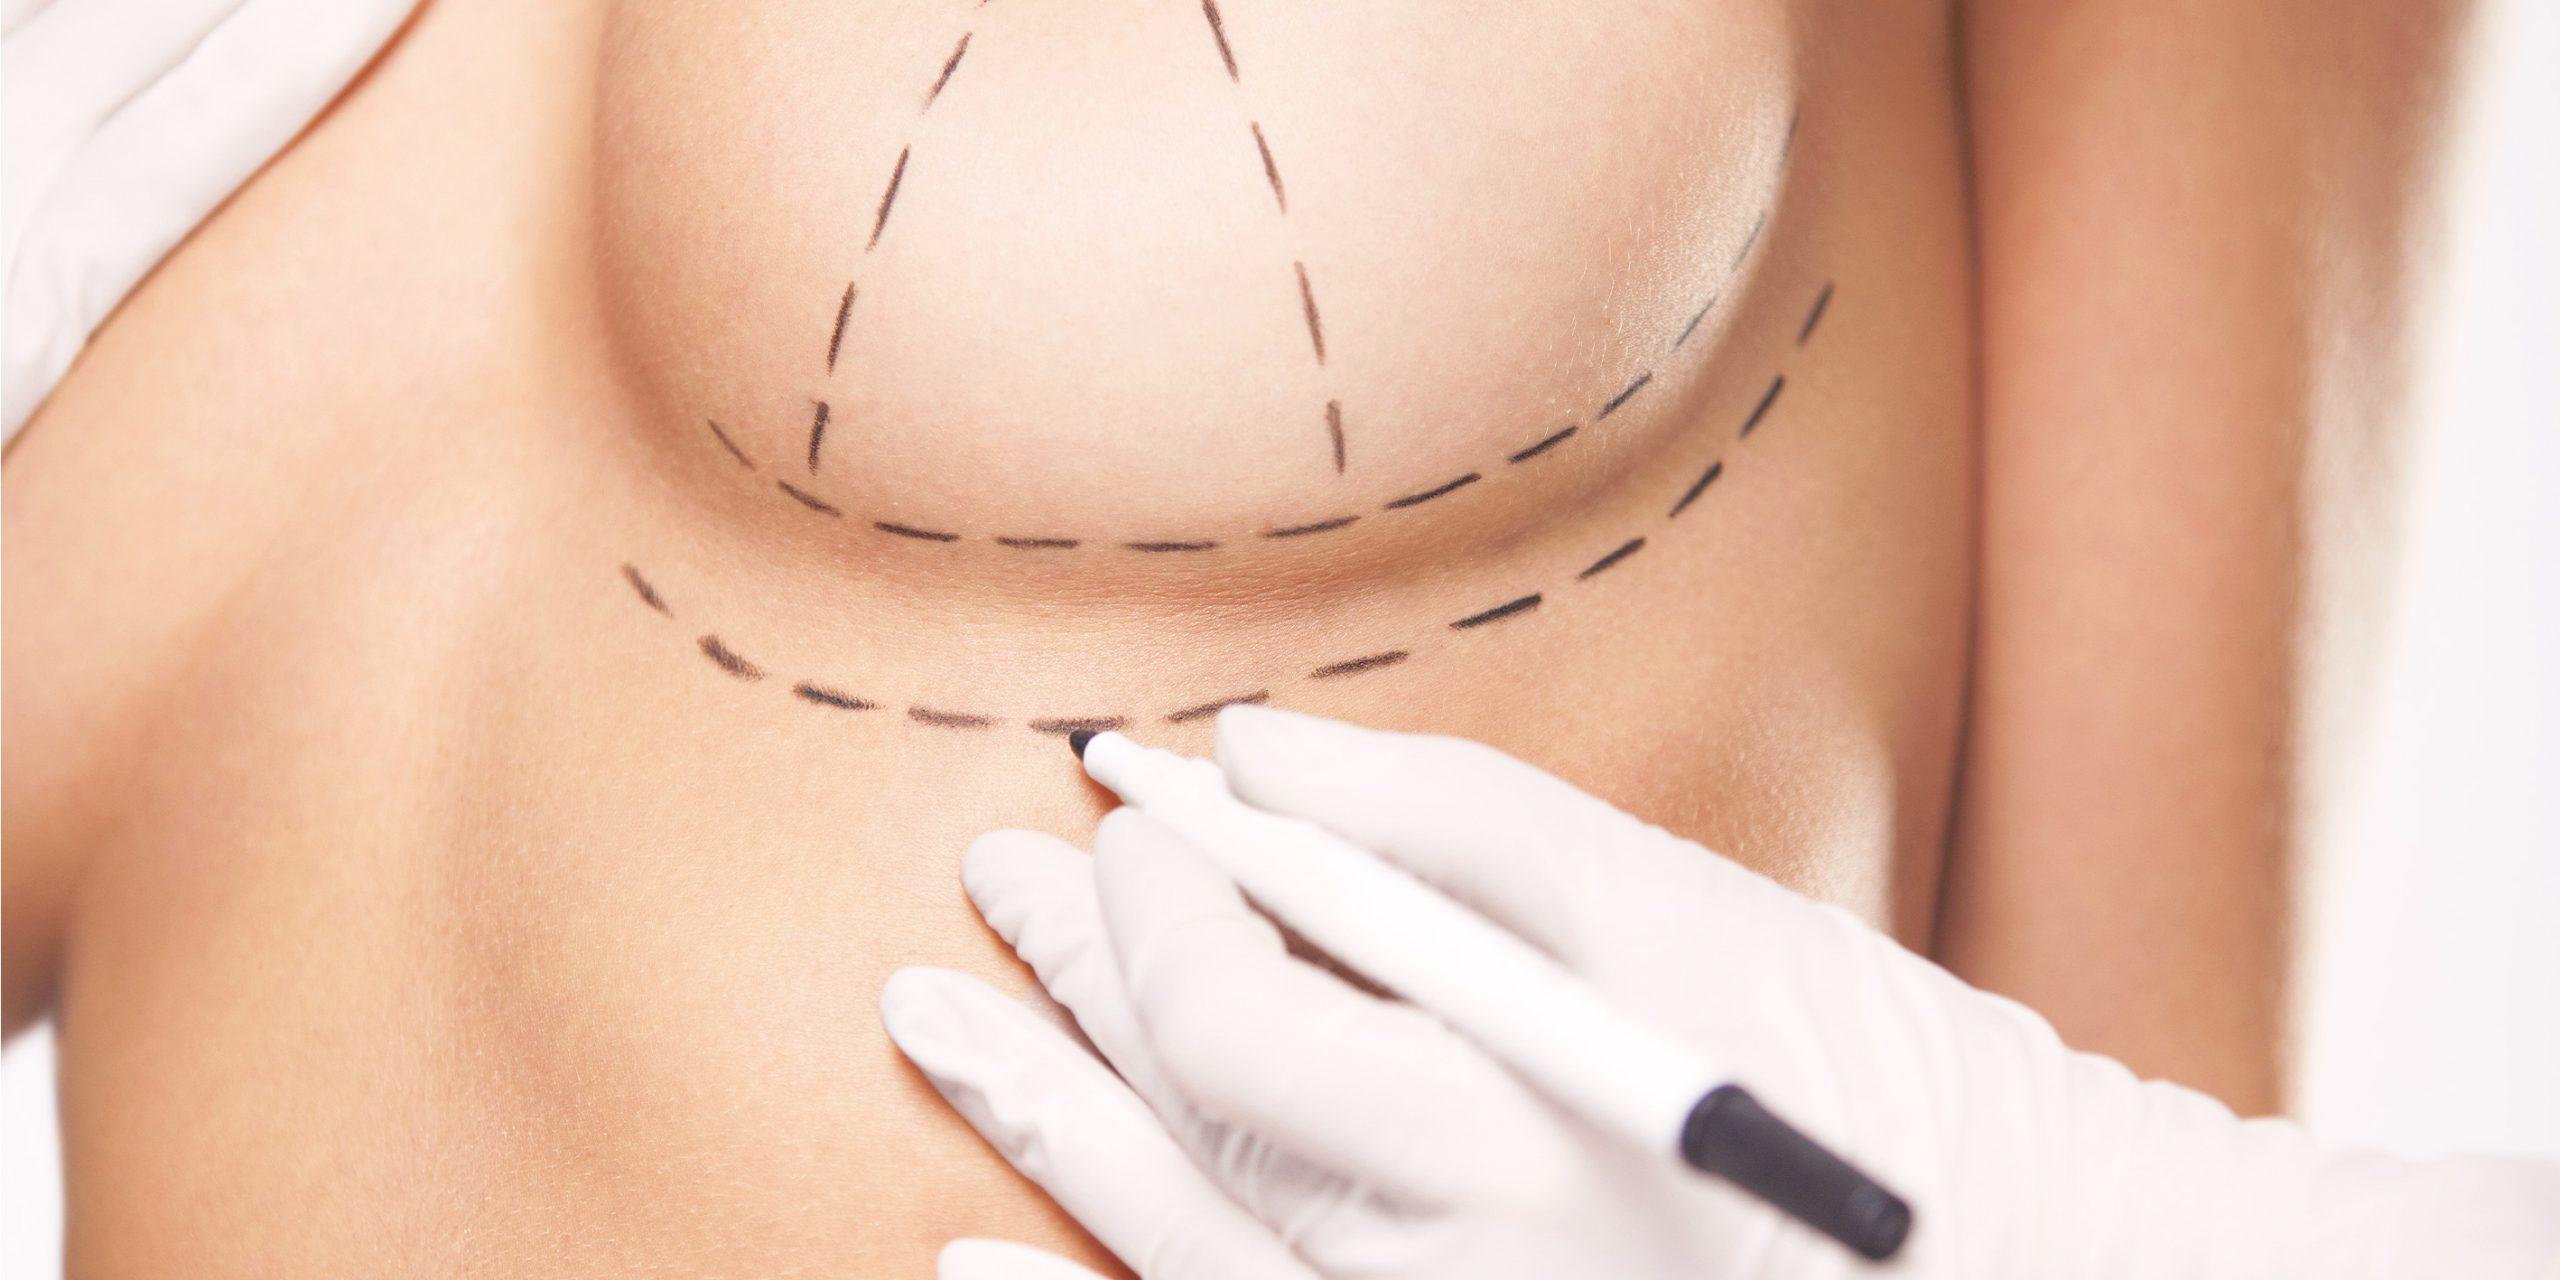 Подготовка к маммопластике - с чего начинать?